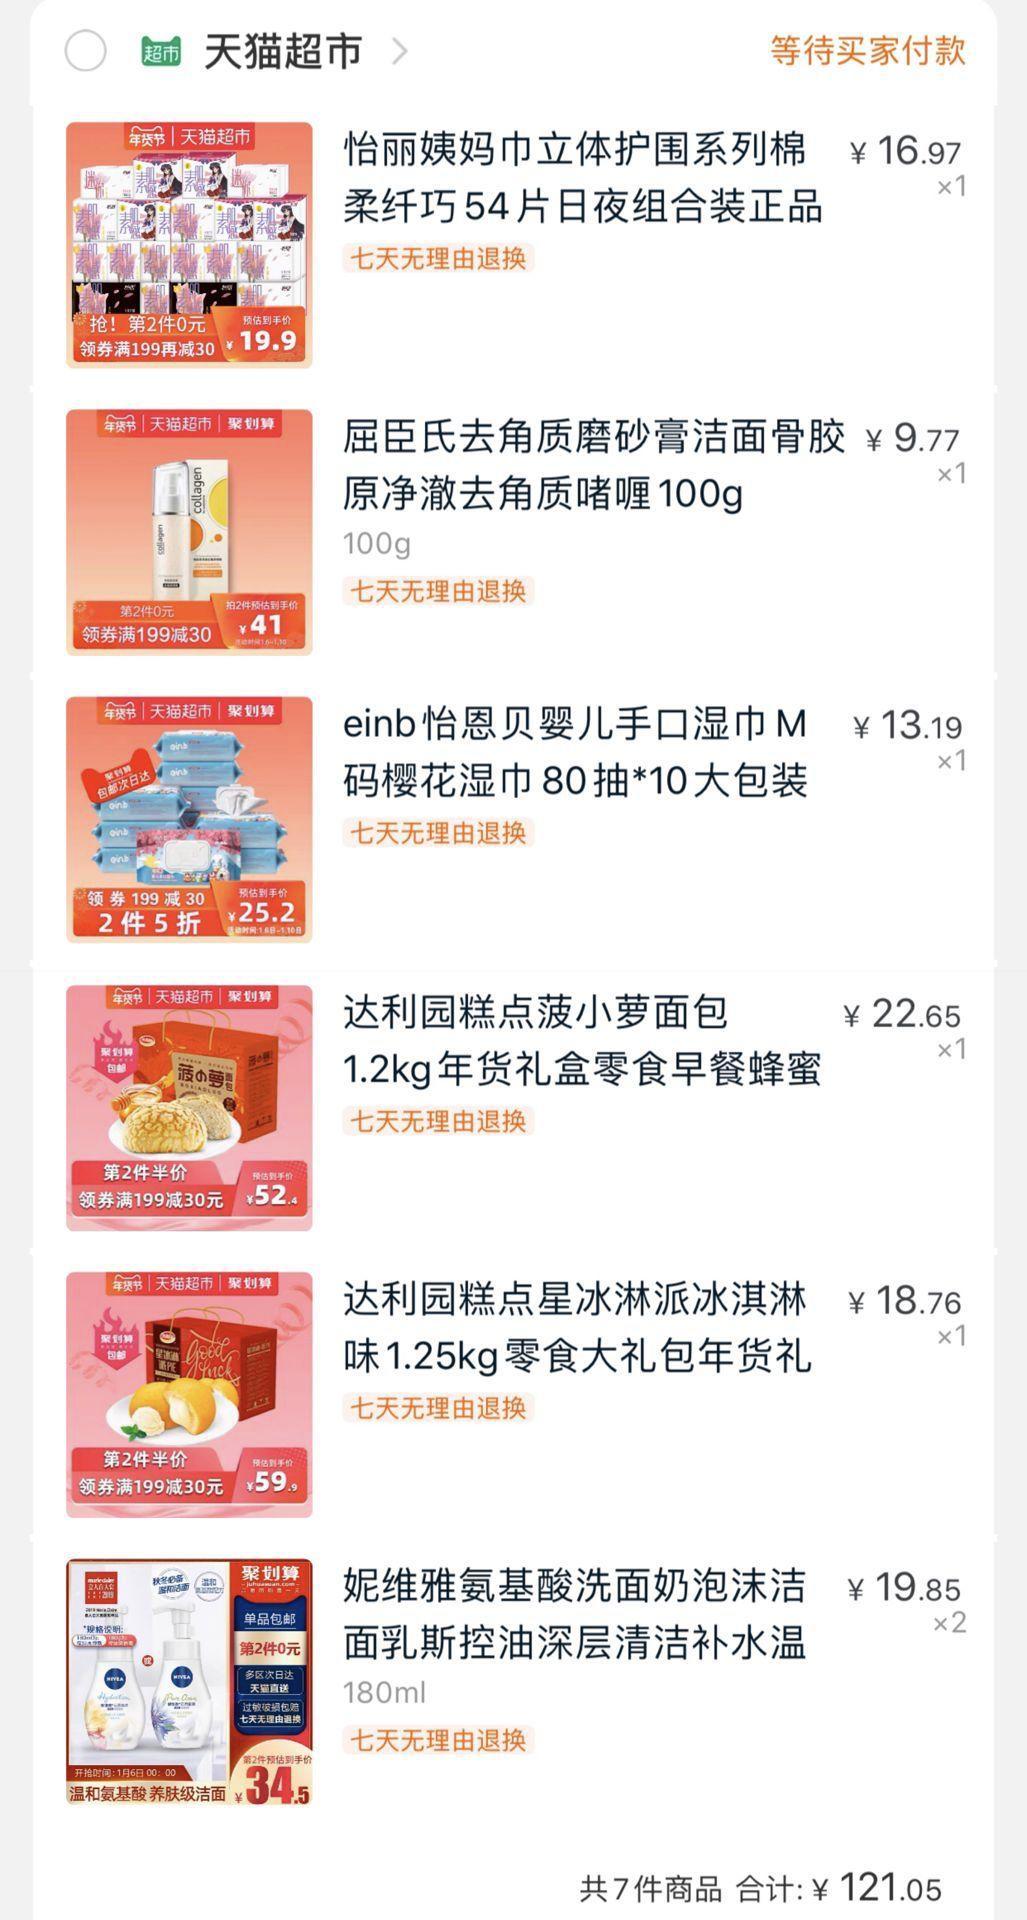 天猫年货节凑单低价 酒水饮料礼盒和猫超凑单!